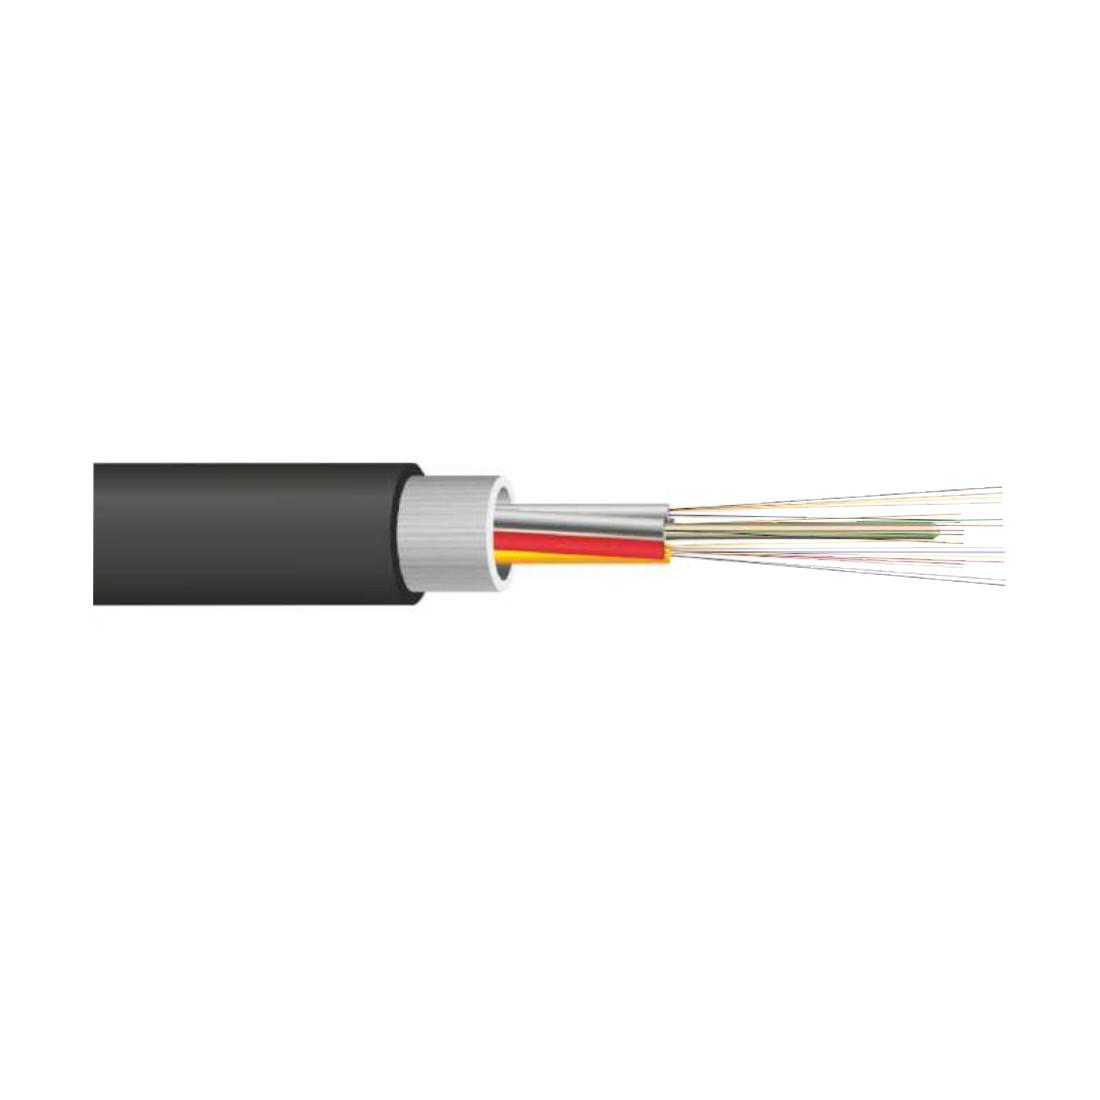 Кабель оптоволоконный  ОККМC-0 22(G.652.D)-12-6кН